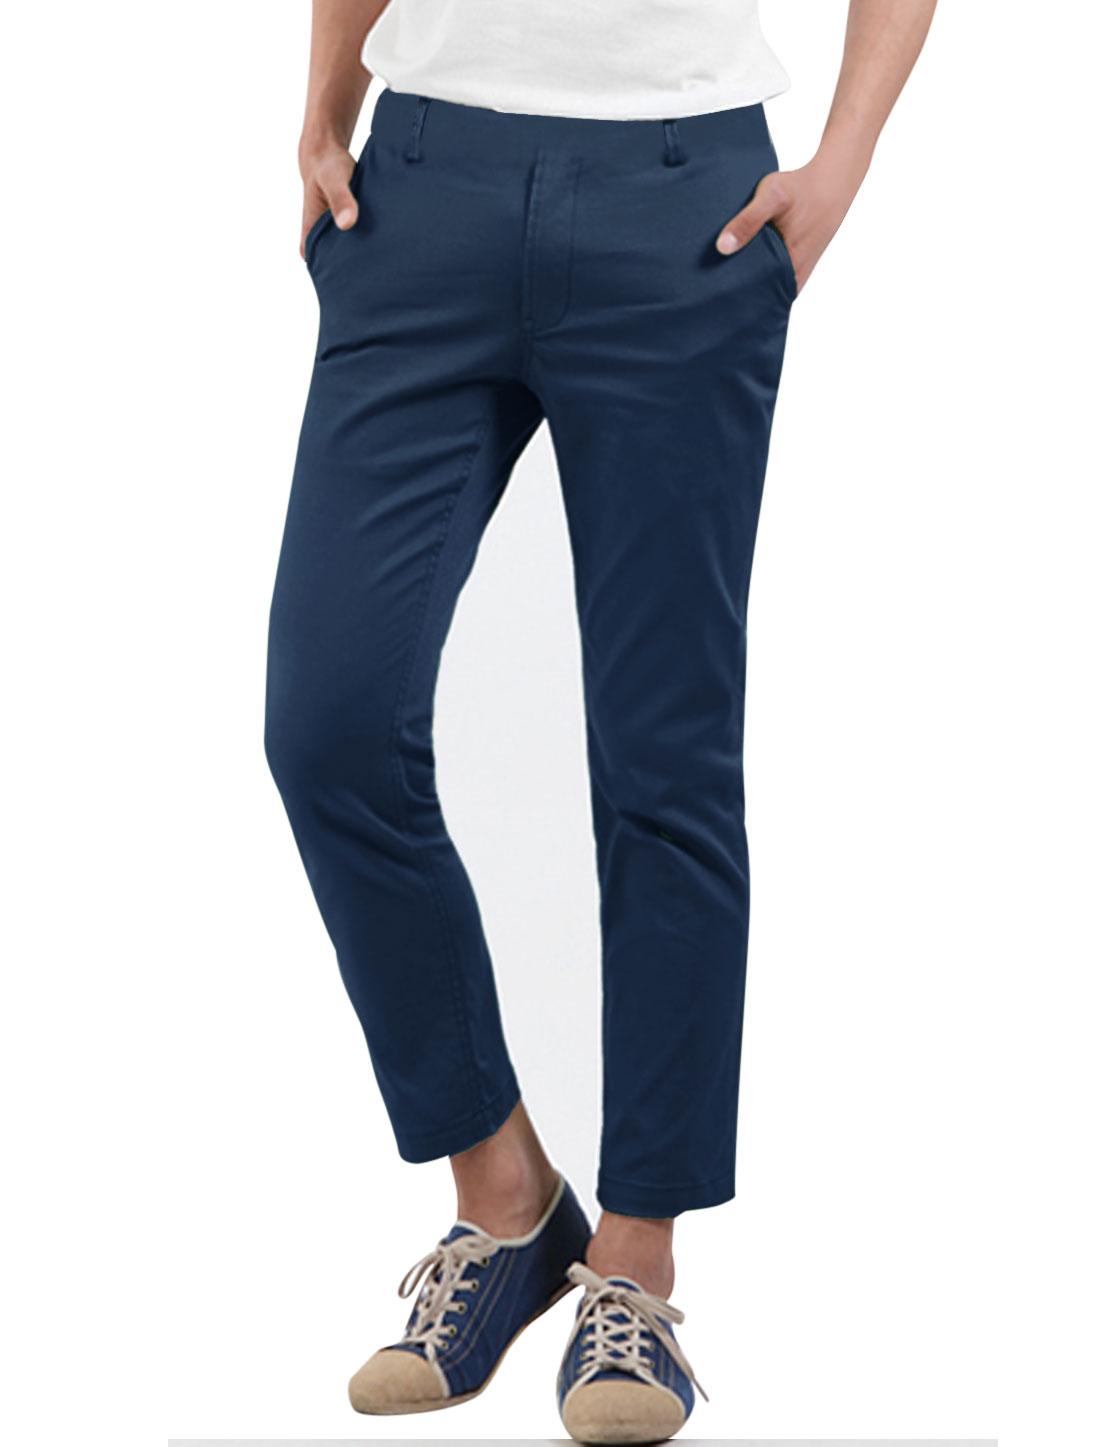 Men Zipper Fly Cuffed Welt Pockets Back Cozy Fit Cropped Pants Navy Blue W30